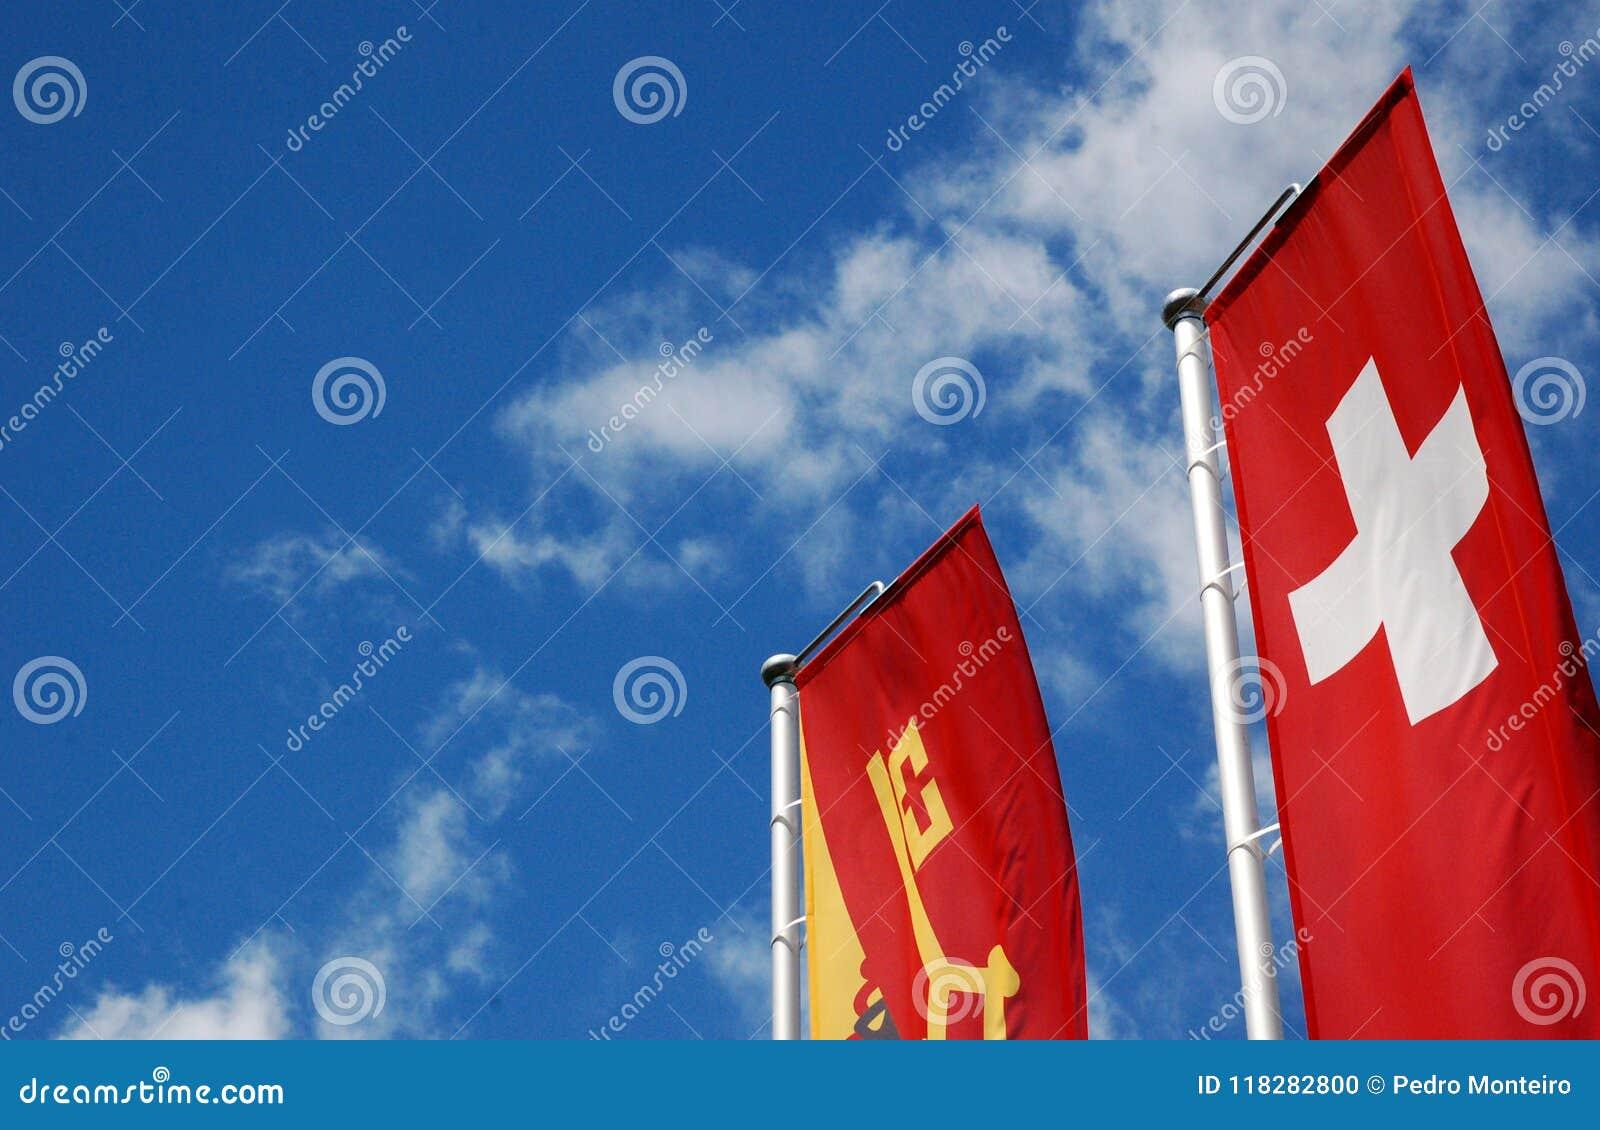 Bandeiras do cantão do suíço e da Genebra no céu ensolarado